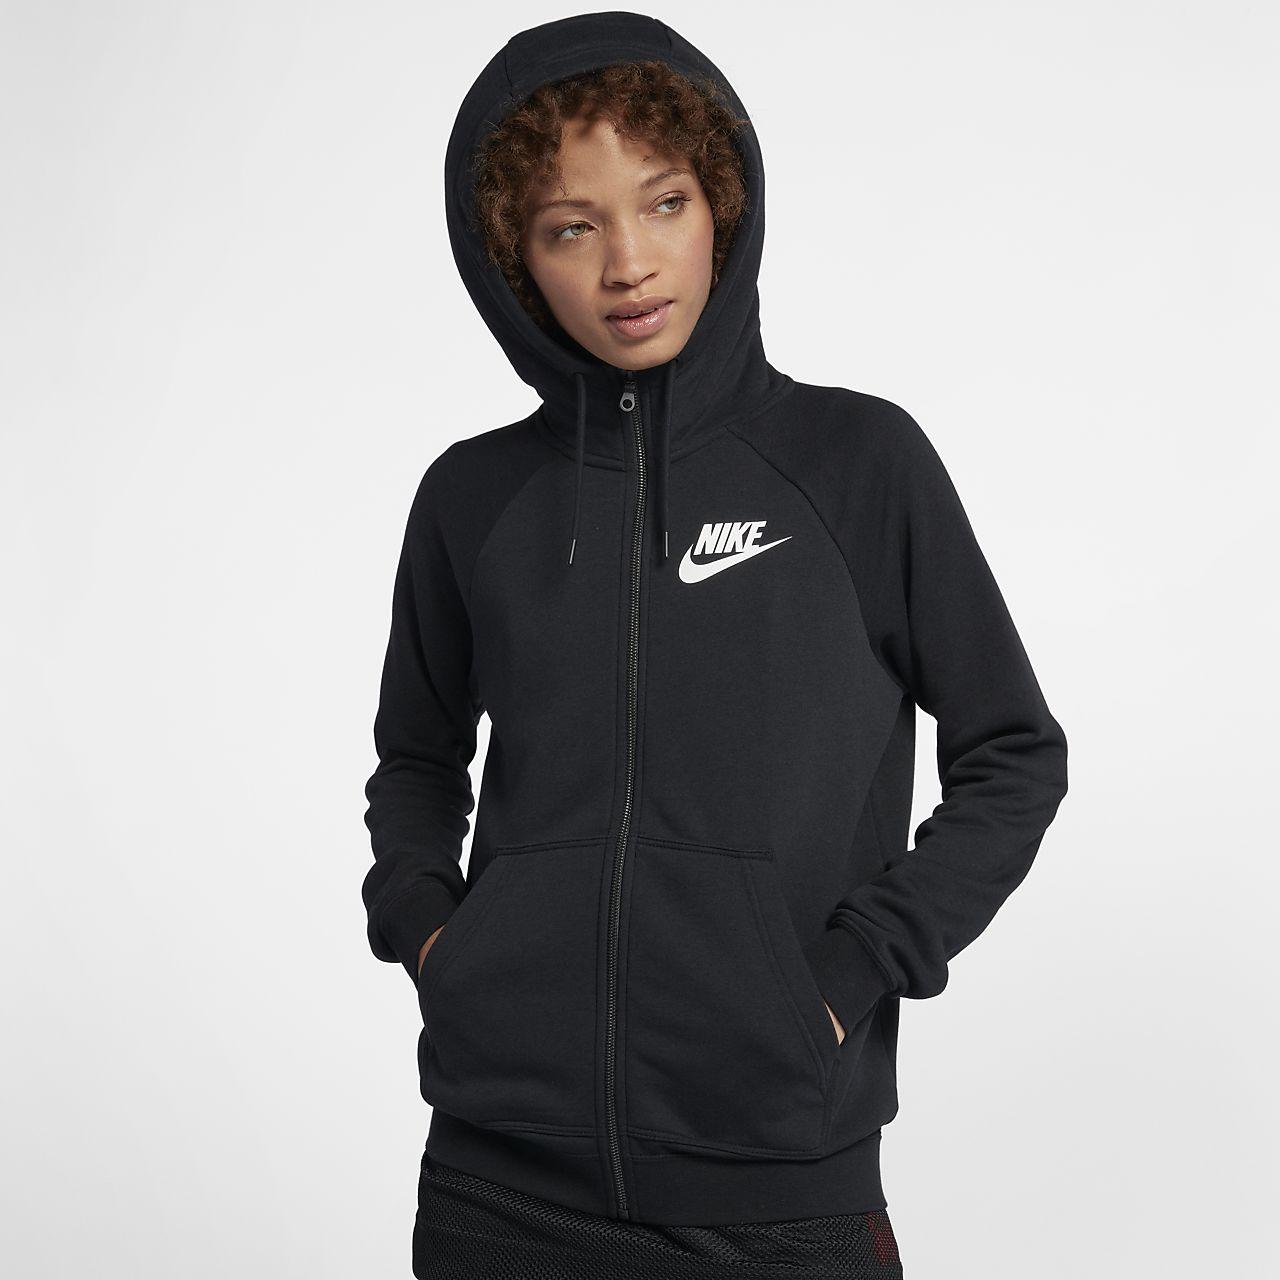 am besten auswählen Schnäppchen für Mode Trennschuhe Nike Sportswear Rally Damen-Hoodie mit durchgehendem Reißverschluss